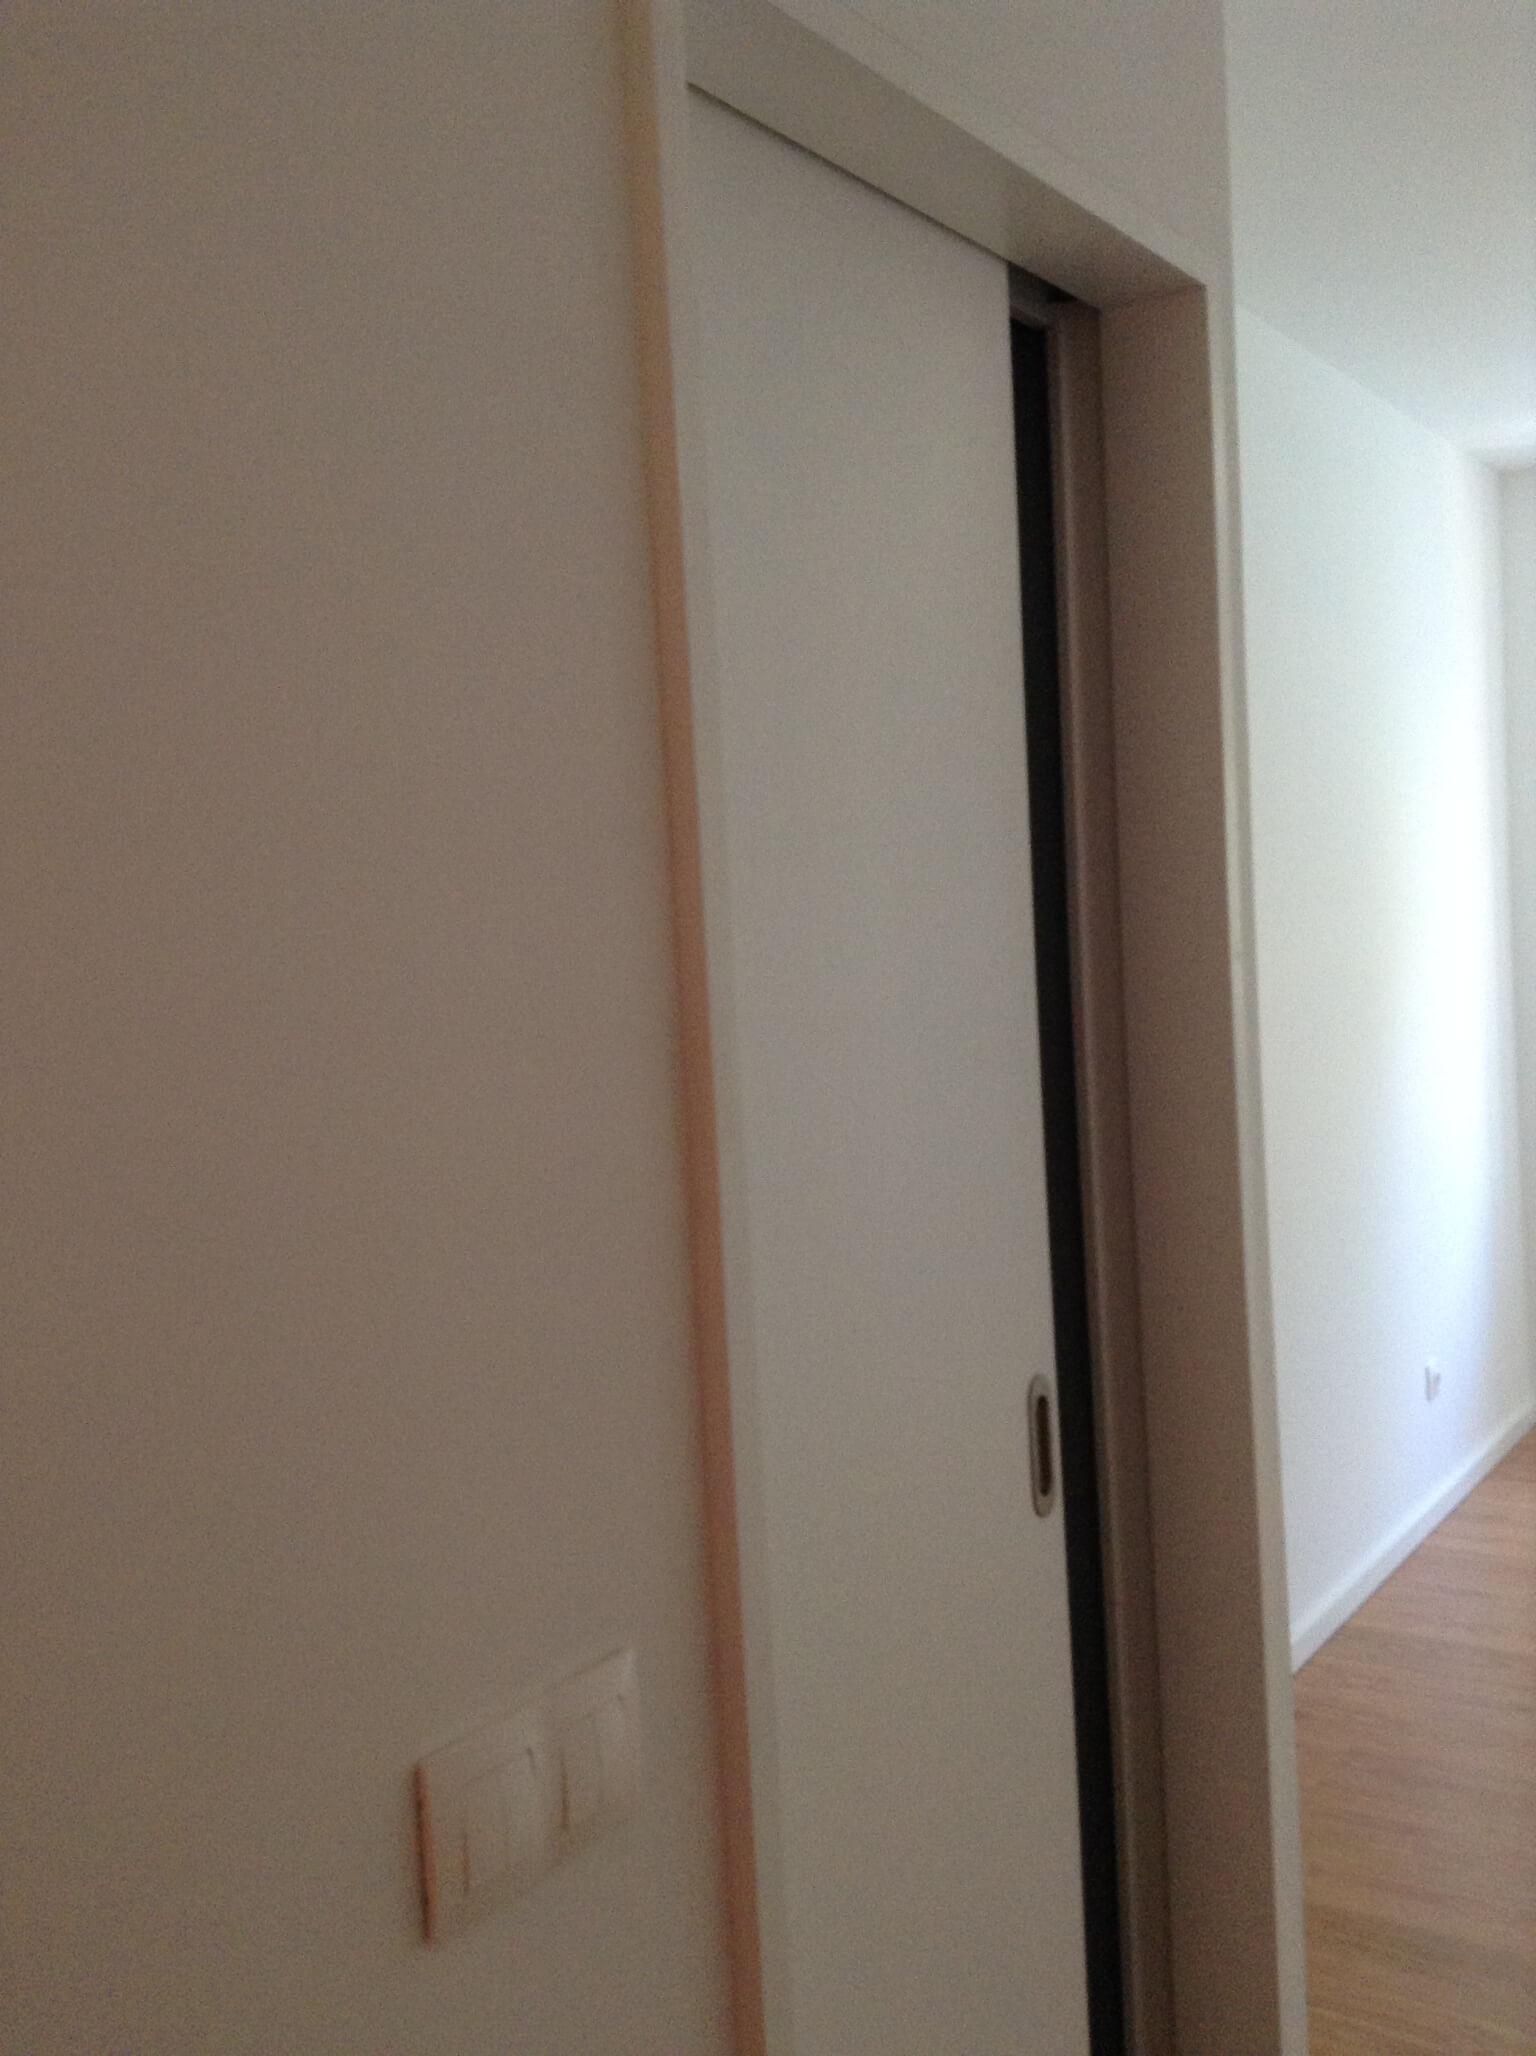 Obras em Gaia, reabilitação de moradia junto à Ponte D. Luís. Porta interior de correr lacada a branco.